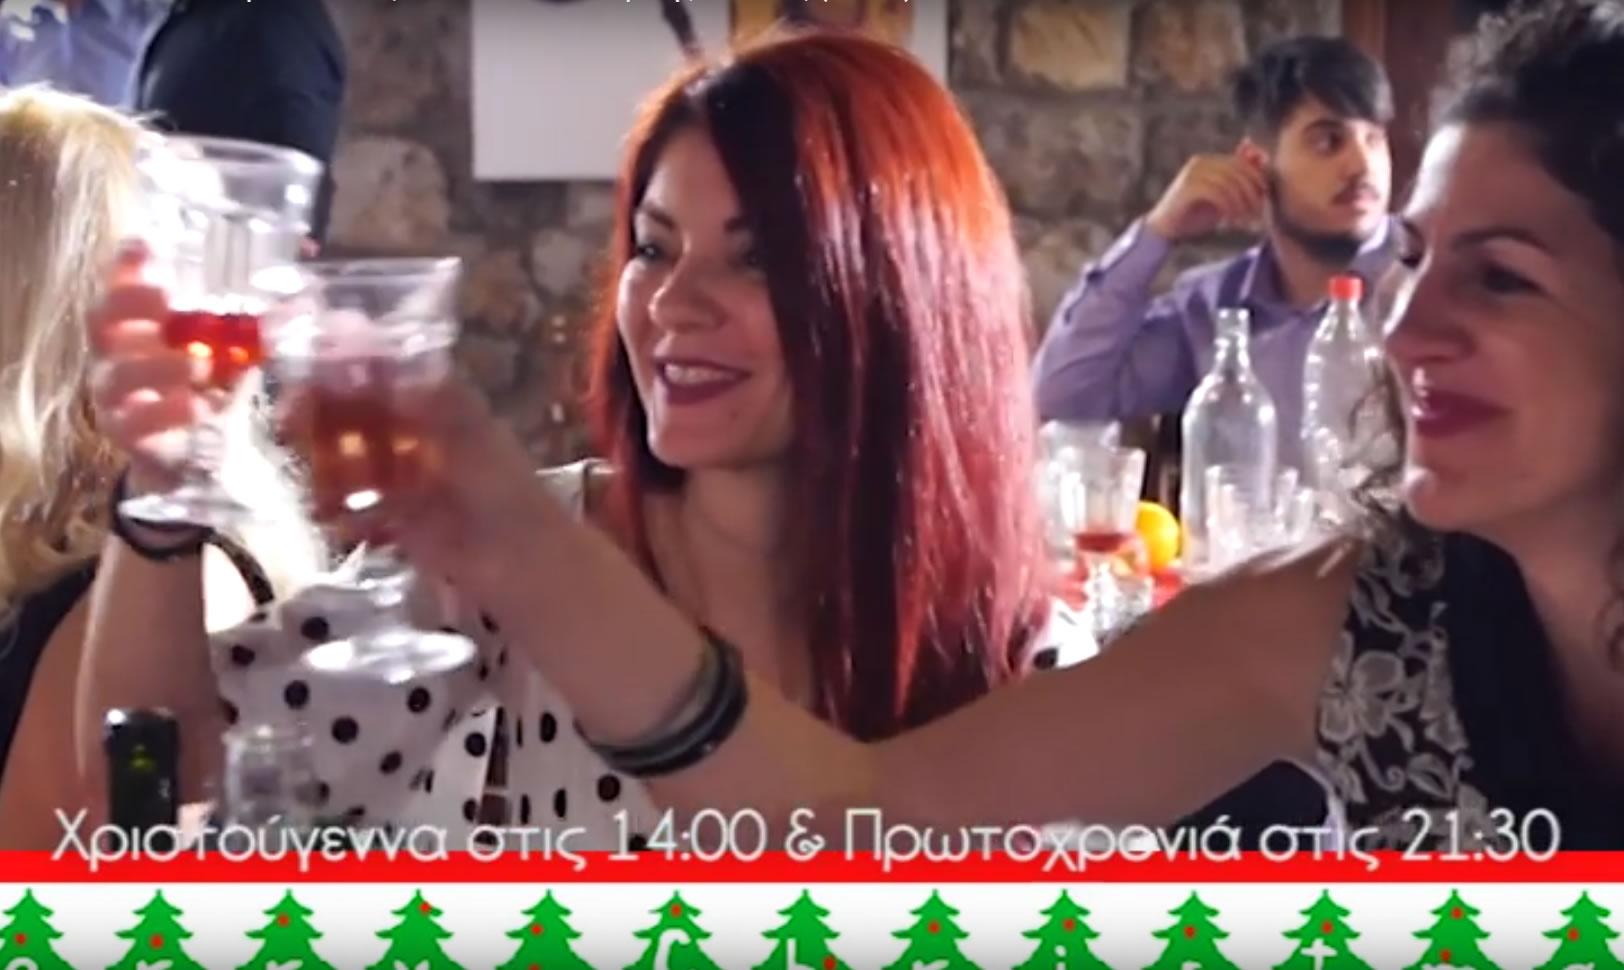 Χριστουγεννιάτικο Μουσικοχορευτικό Ταξίδι στο STAR Κεντρικής Ελλάδας (Trailer)